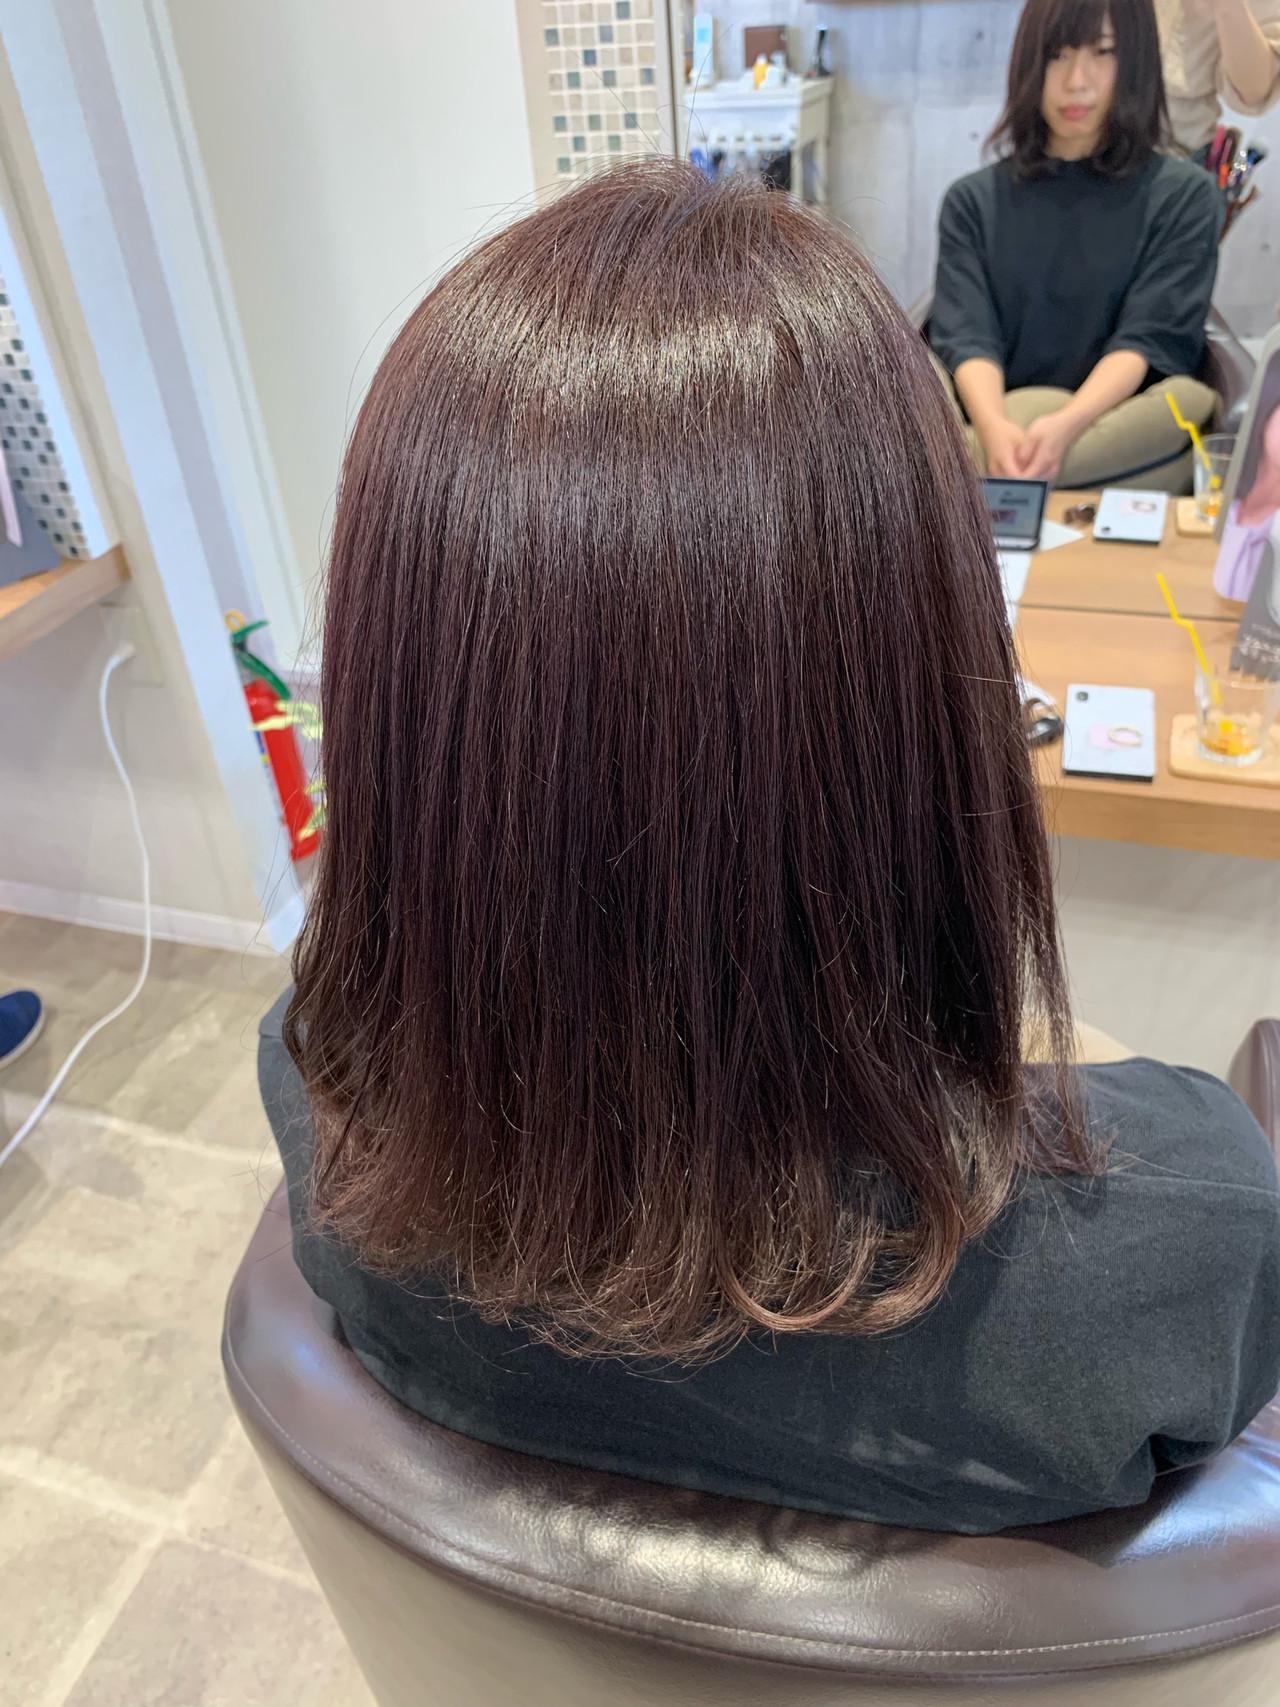 ワンカール 可愛い 艶髪 フェミニン ヘアスタイルや髪型の写真・画像 | ほしの まみ / LUCIDO STYLE Orga